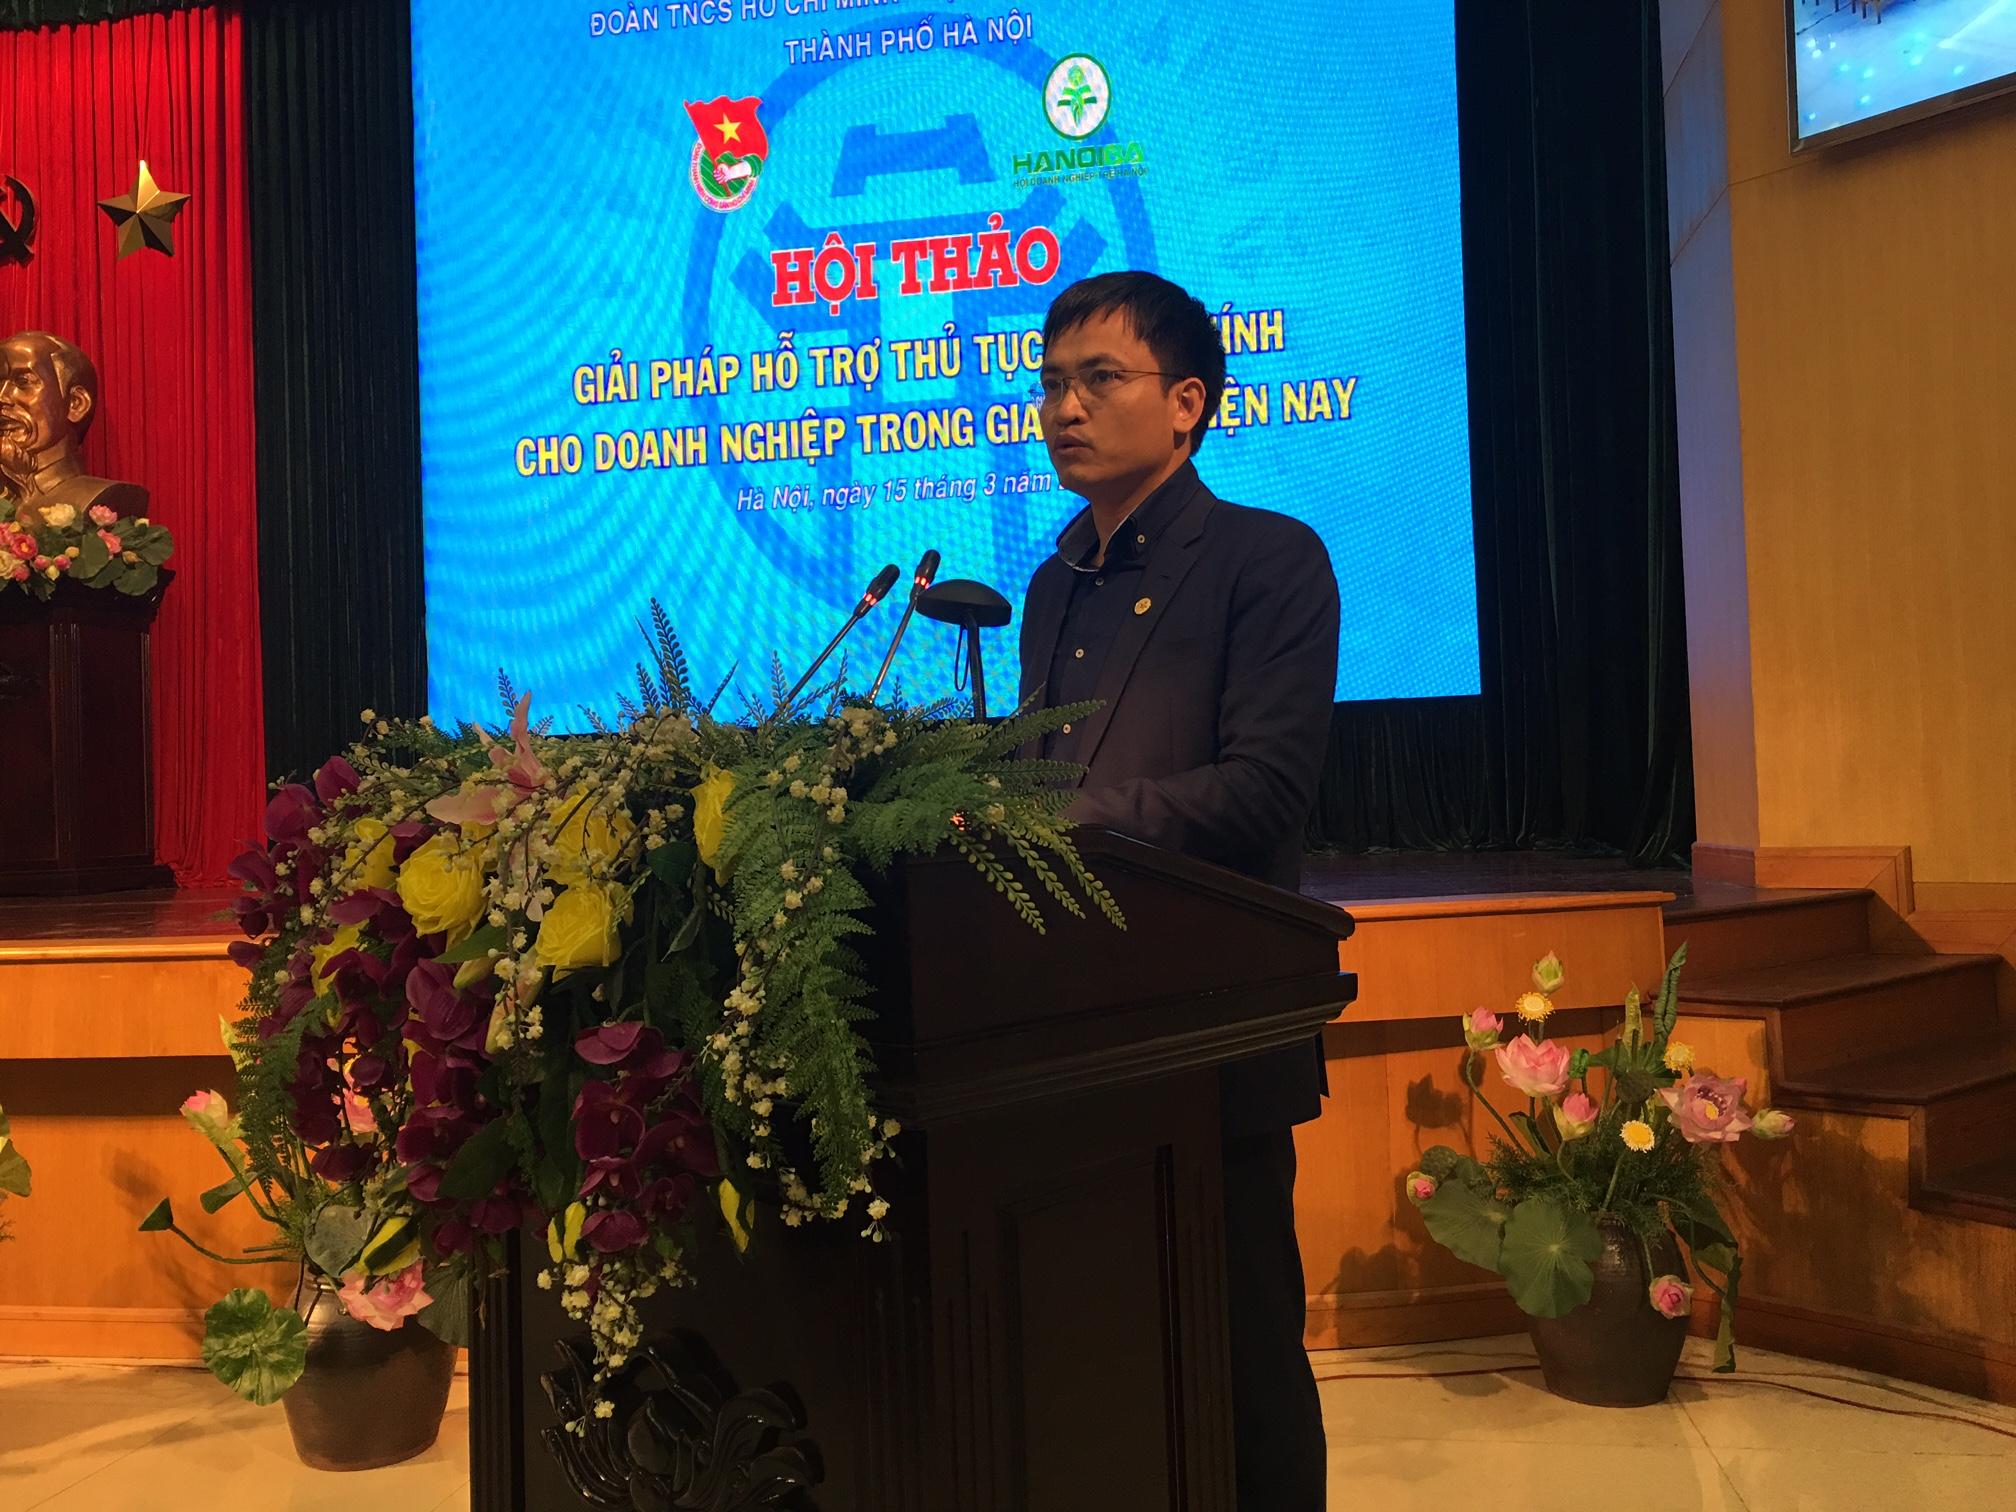 Ông Trần Anh Vương - Chủ tịch Hội Doanh nghiệp trẻ Hà Nội phát biểu tại Hội thảo.